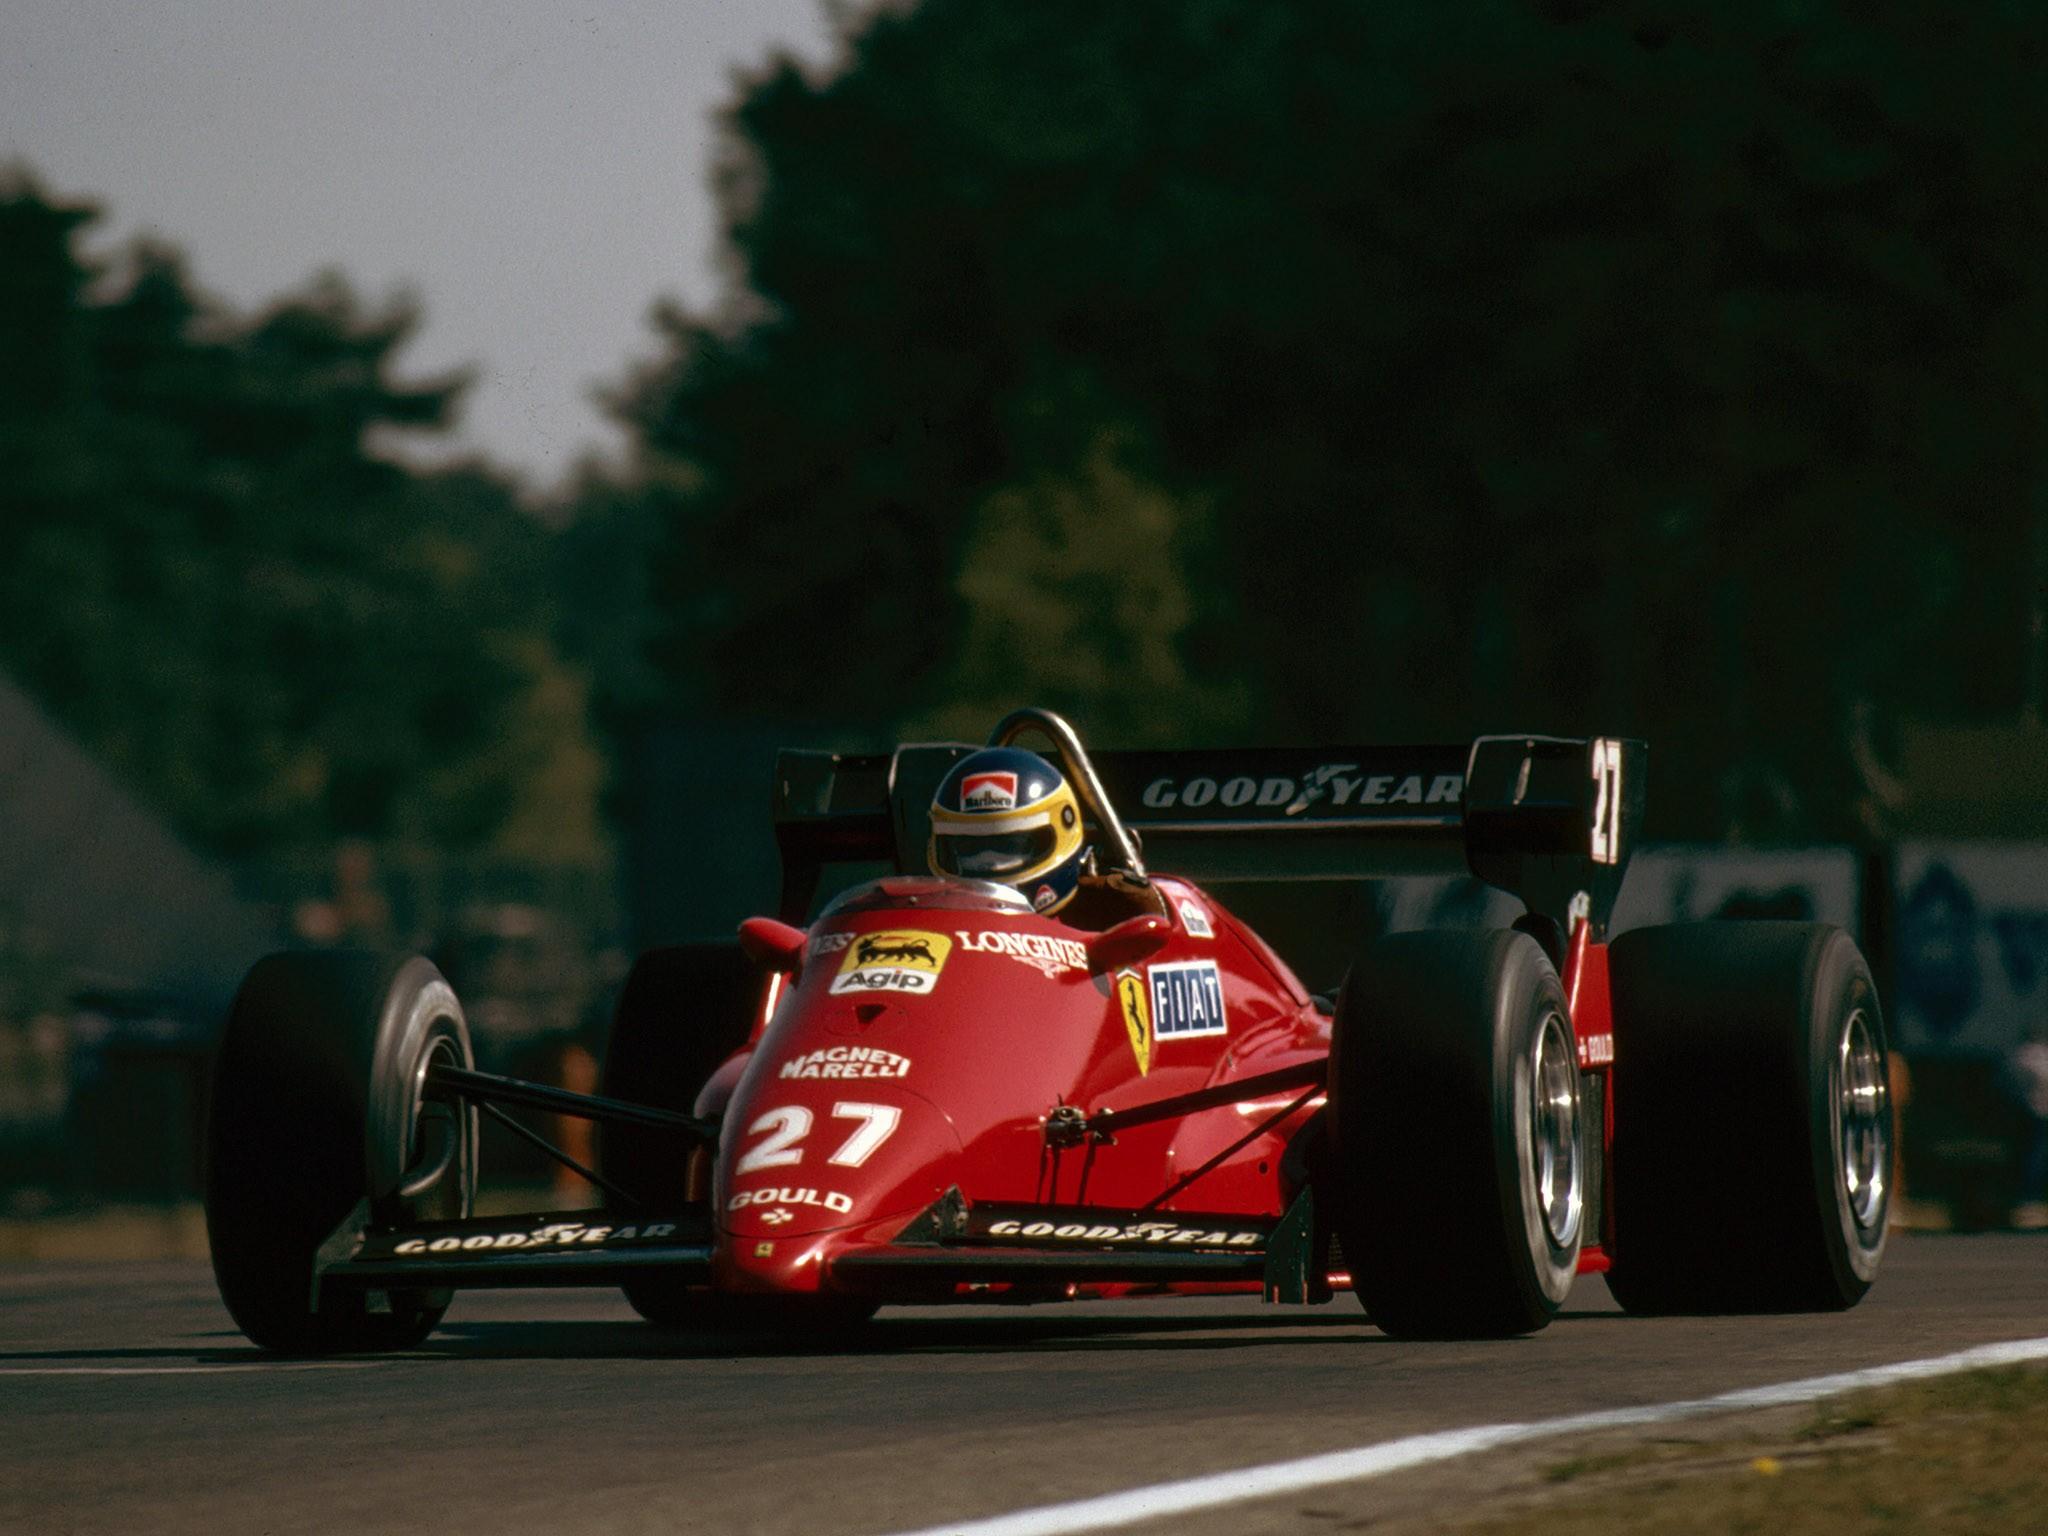 Ferrari 126 C4 V6 Turbo 1984